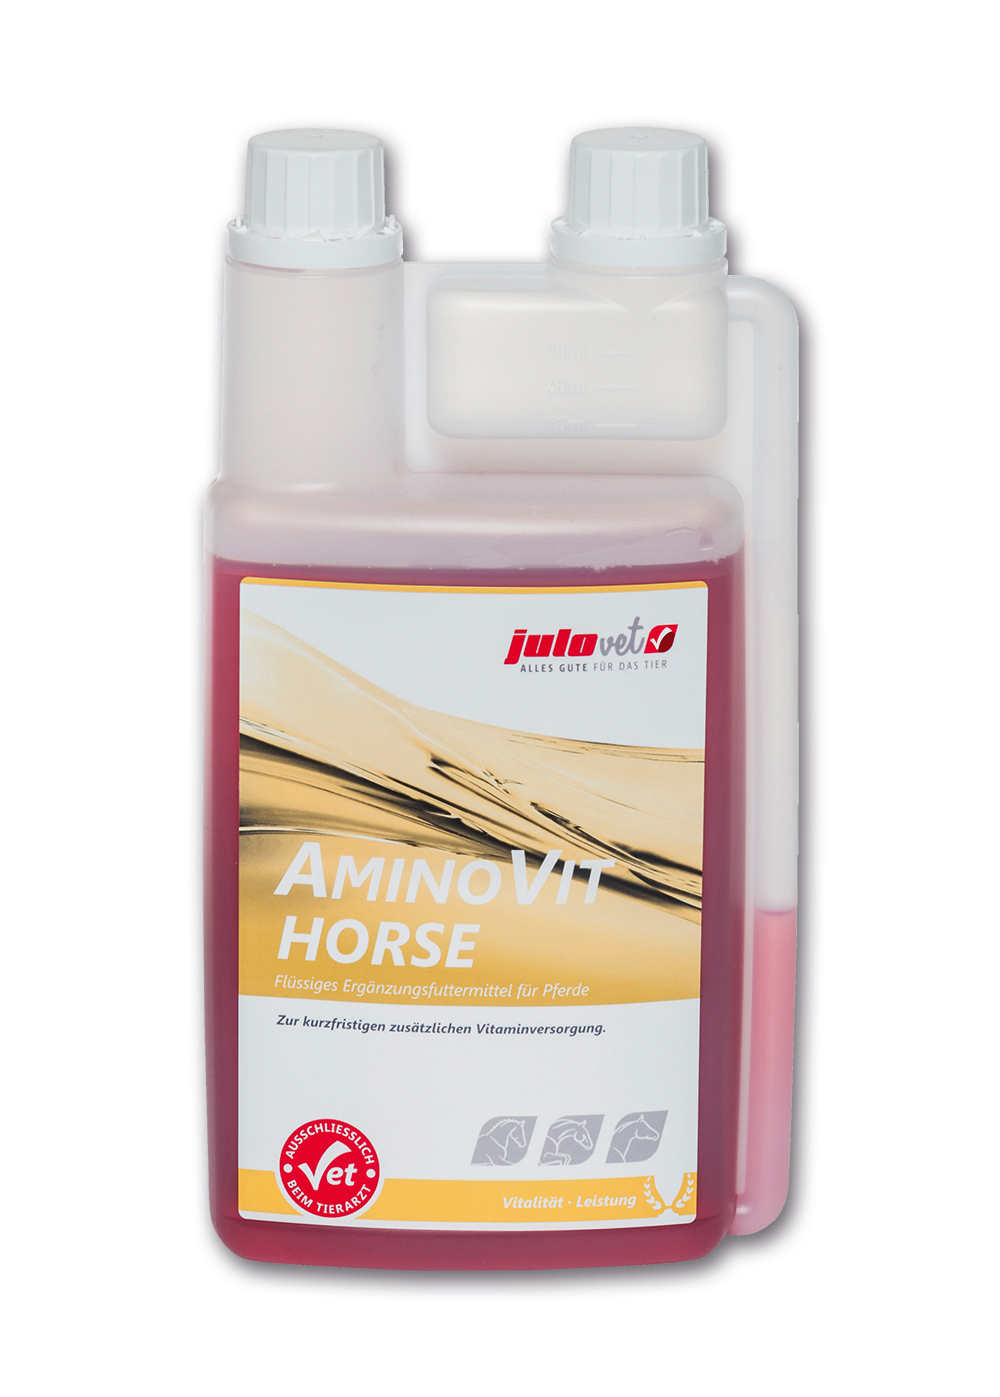 AminoVit Horse